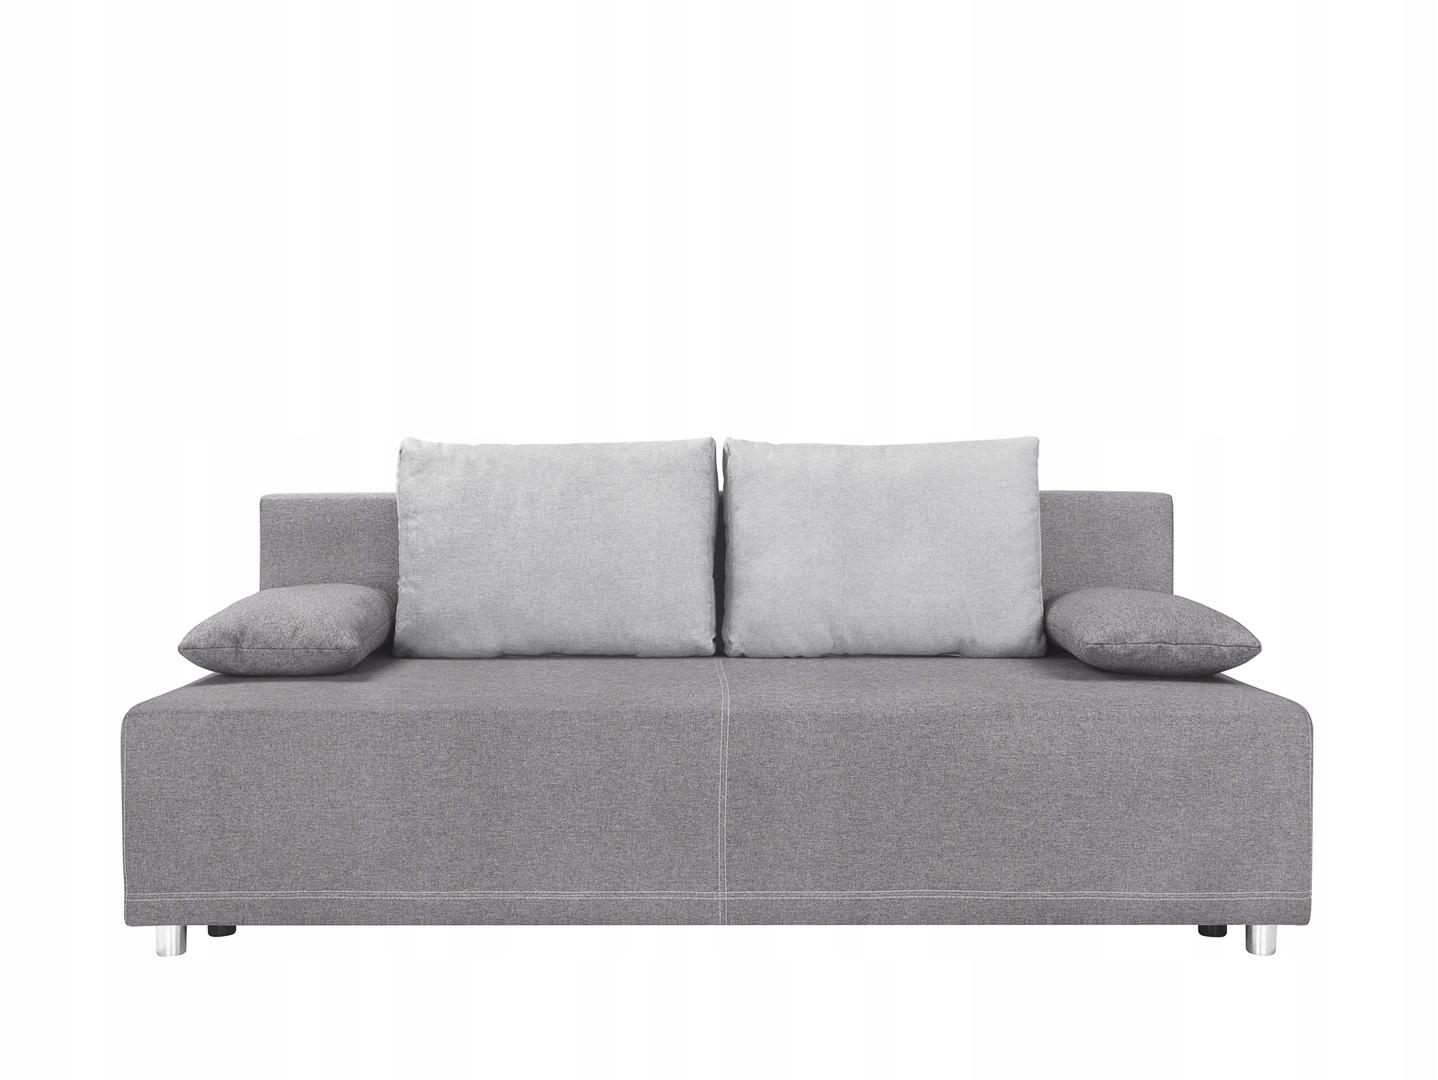 Sofa Rozkładana Szara Zuma 200 Cm Black Red White 7547612645 Oficjalne Archiwum Allegro